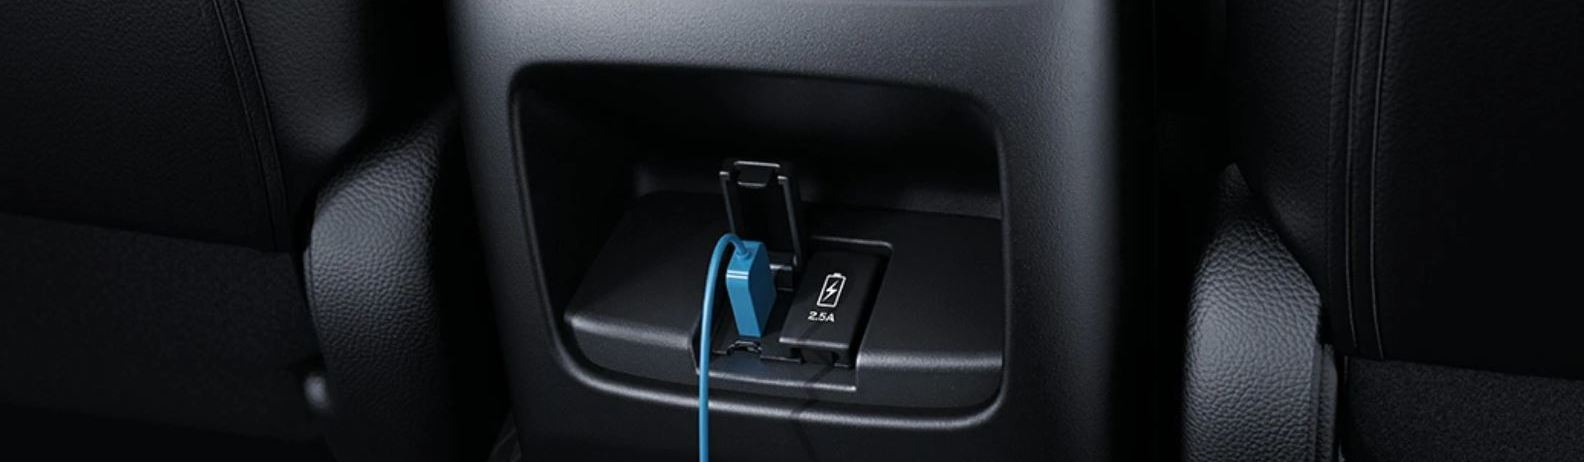 Power Options in the 2020 Honda CR-V